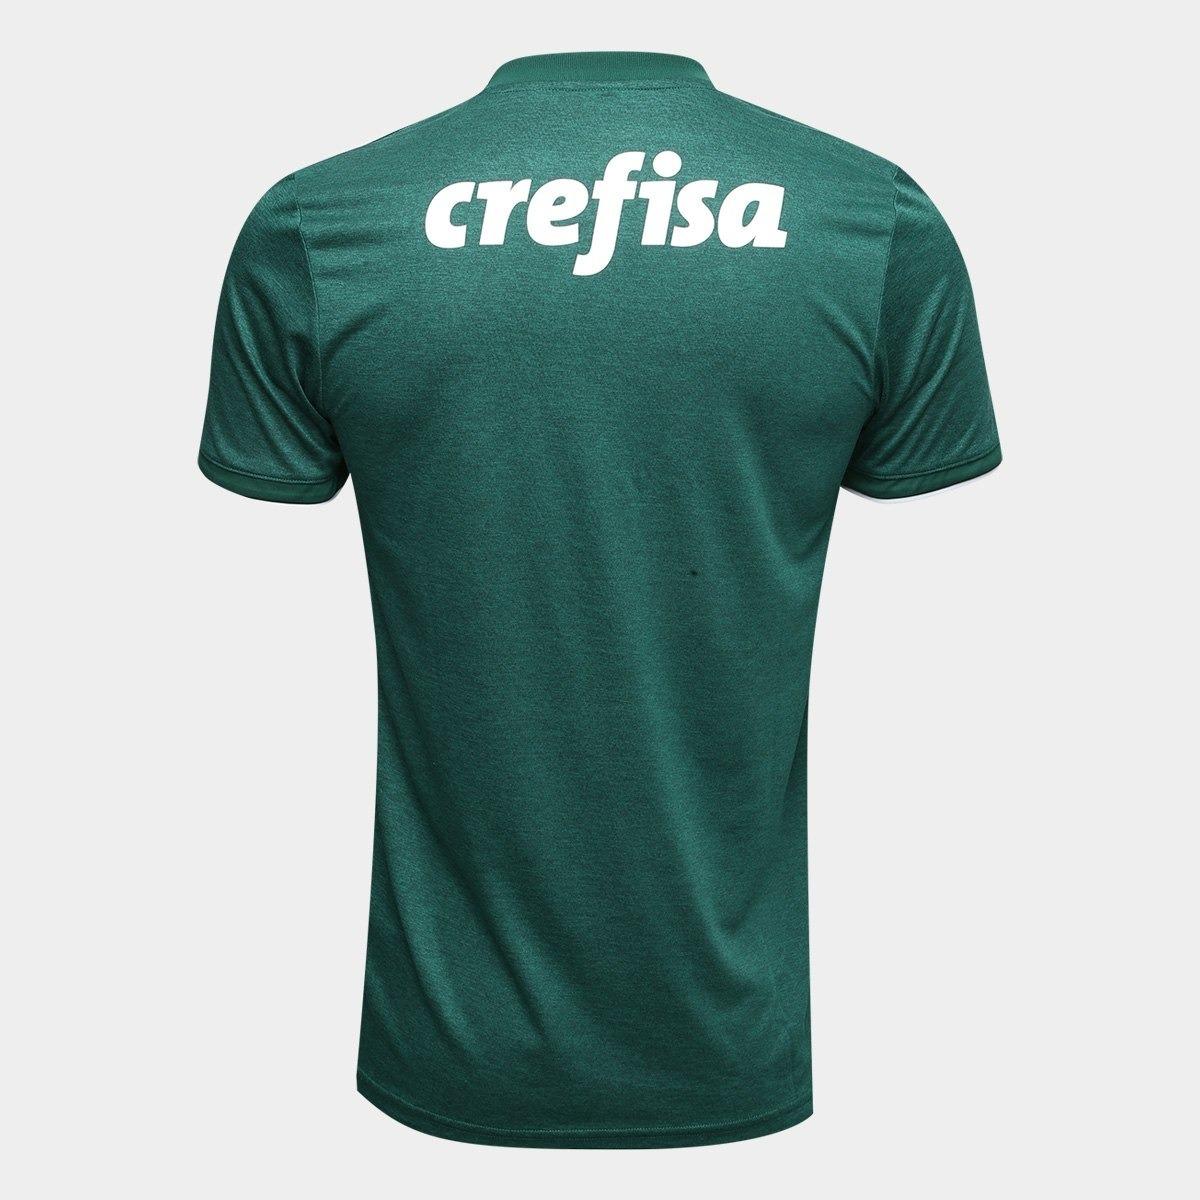 camiseta oficial palmeiras 2018 19 adidas - super promoçã. Carregando zoom. c4b34fff3fda2